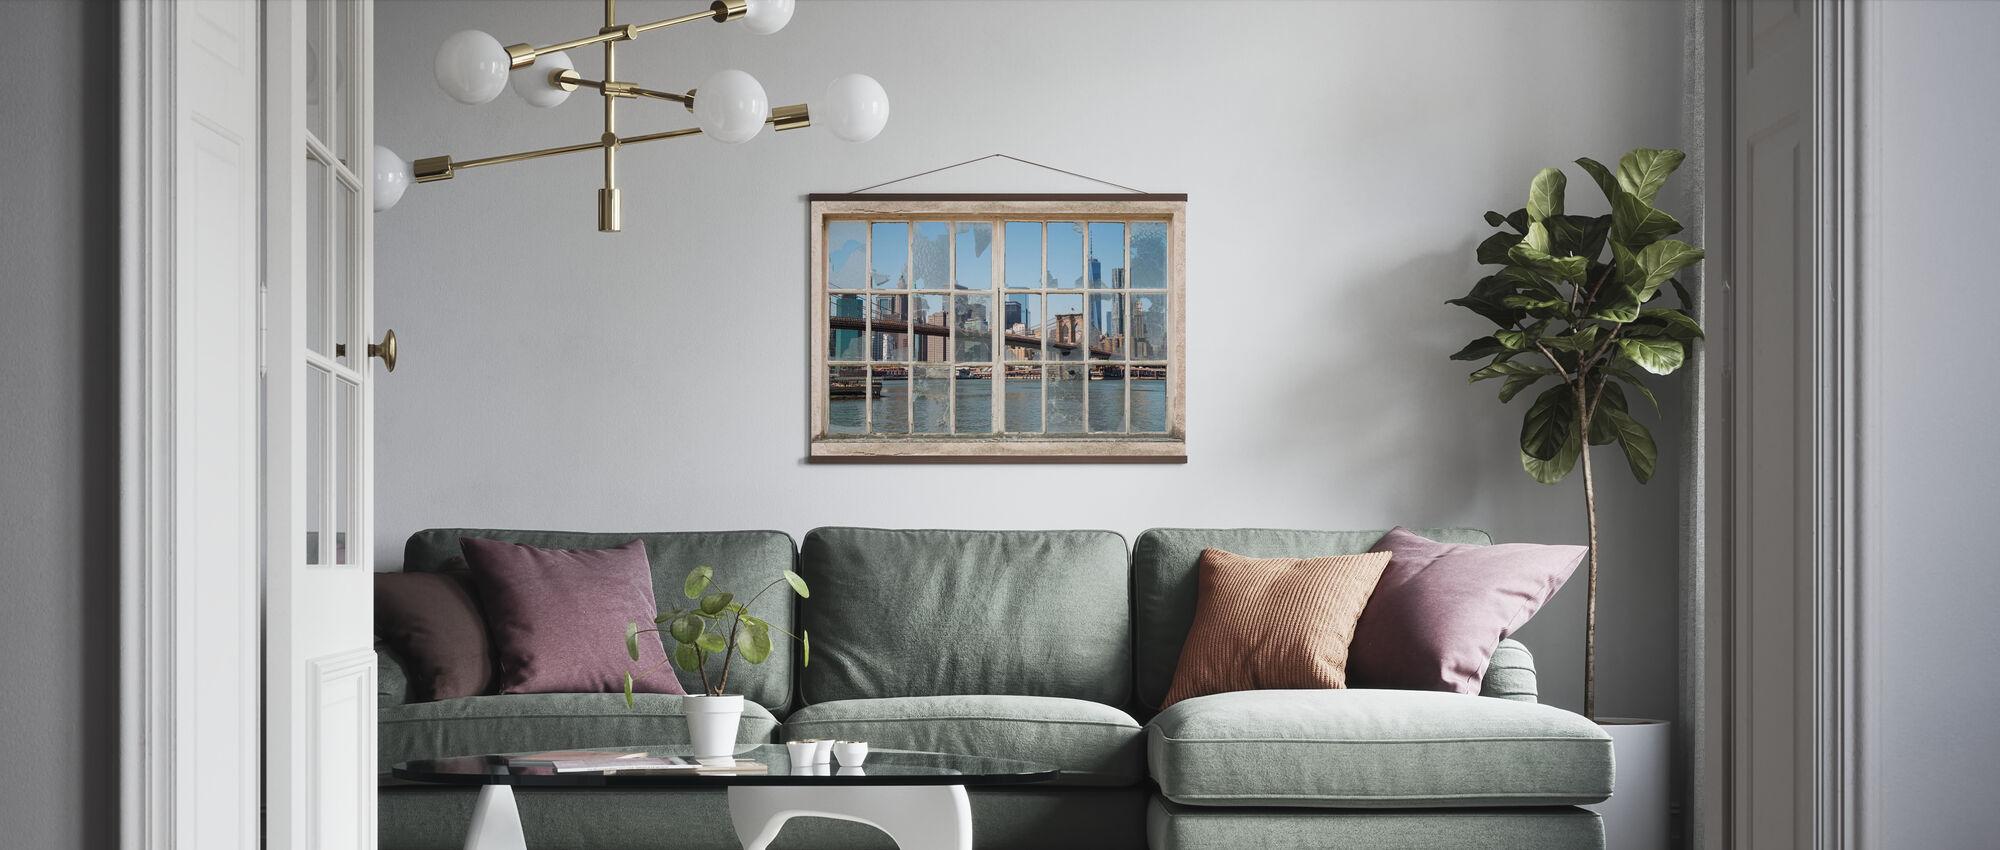 Brooklyn Bridge through Broken Window - Poster - Living Room